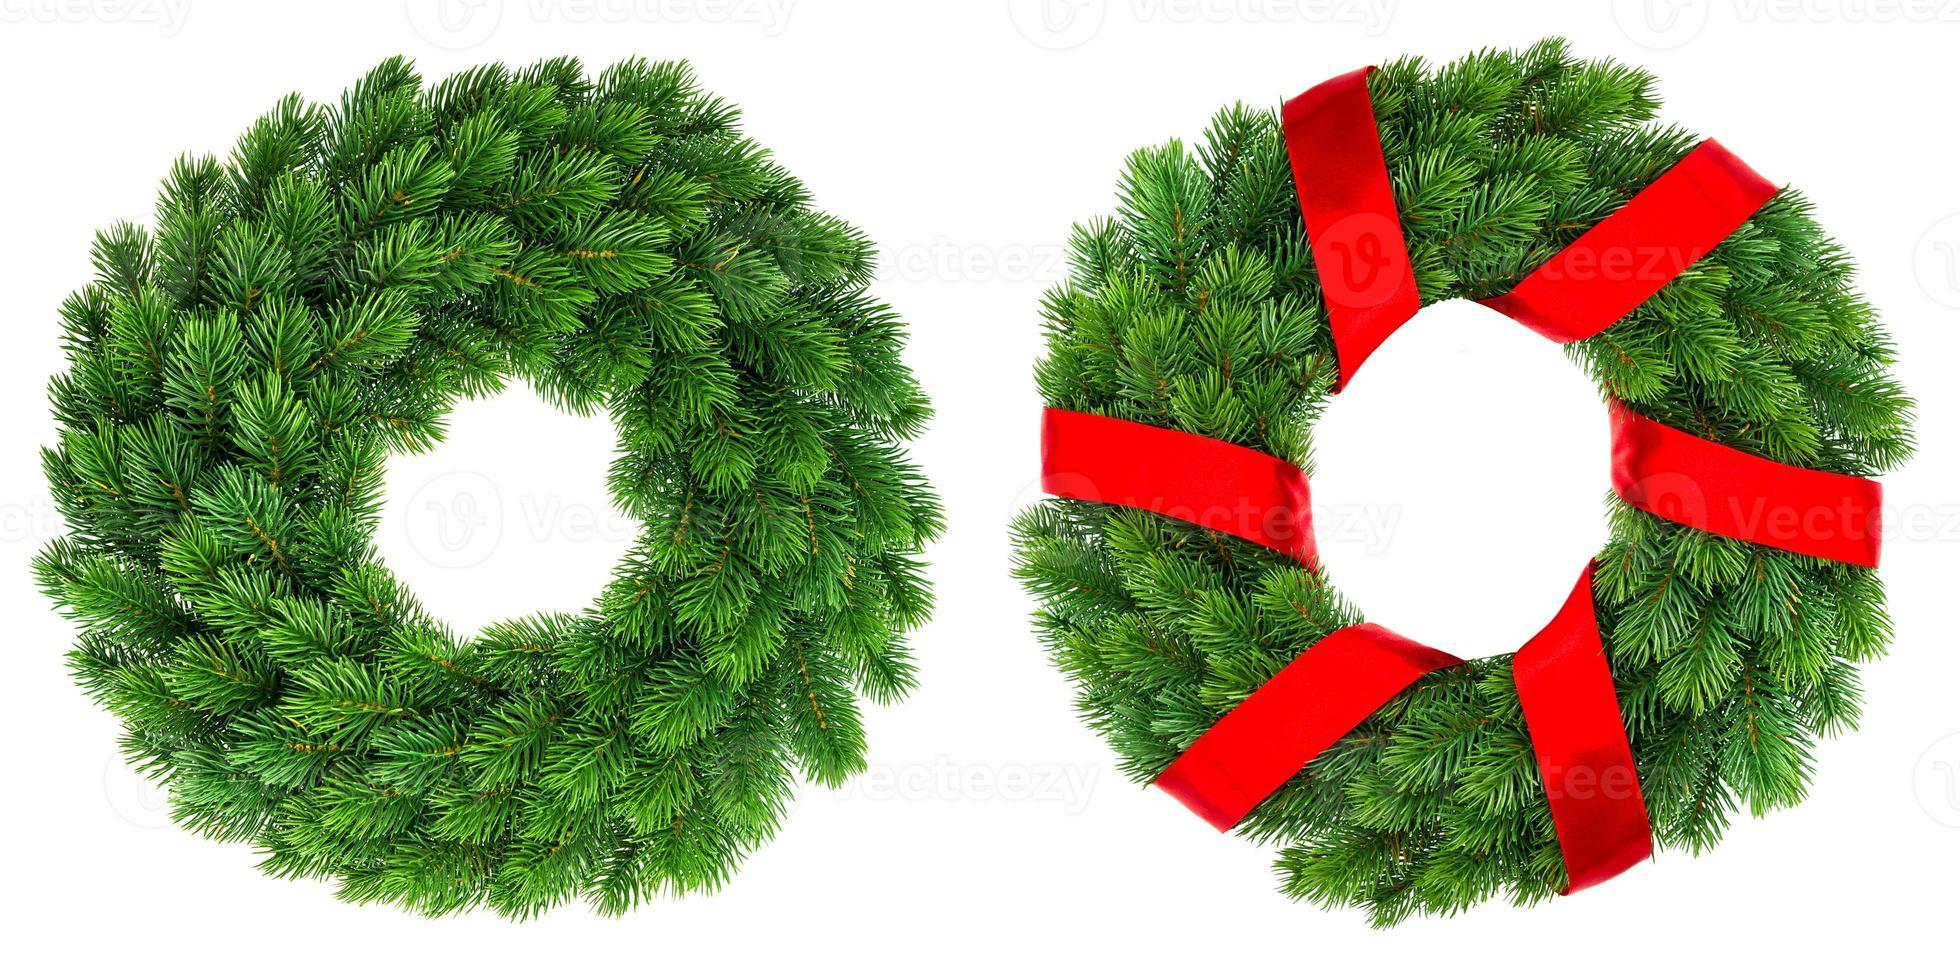 immergrüner Kranz der Weihnachtsdekoration mit rotem Band foto